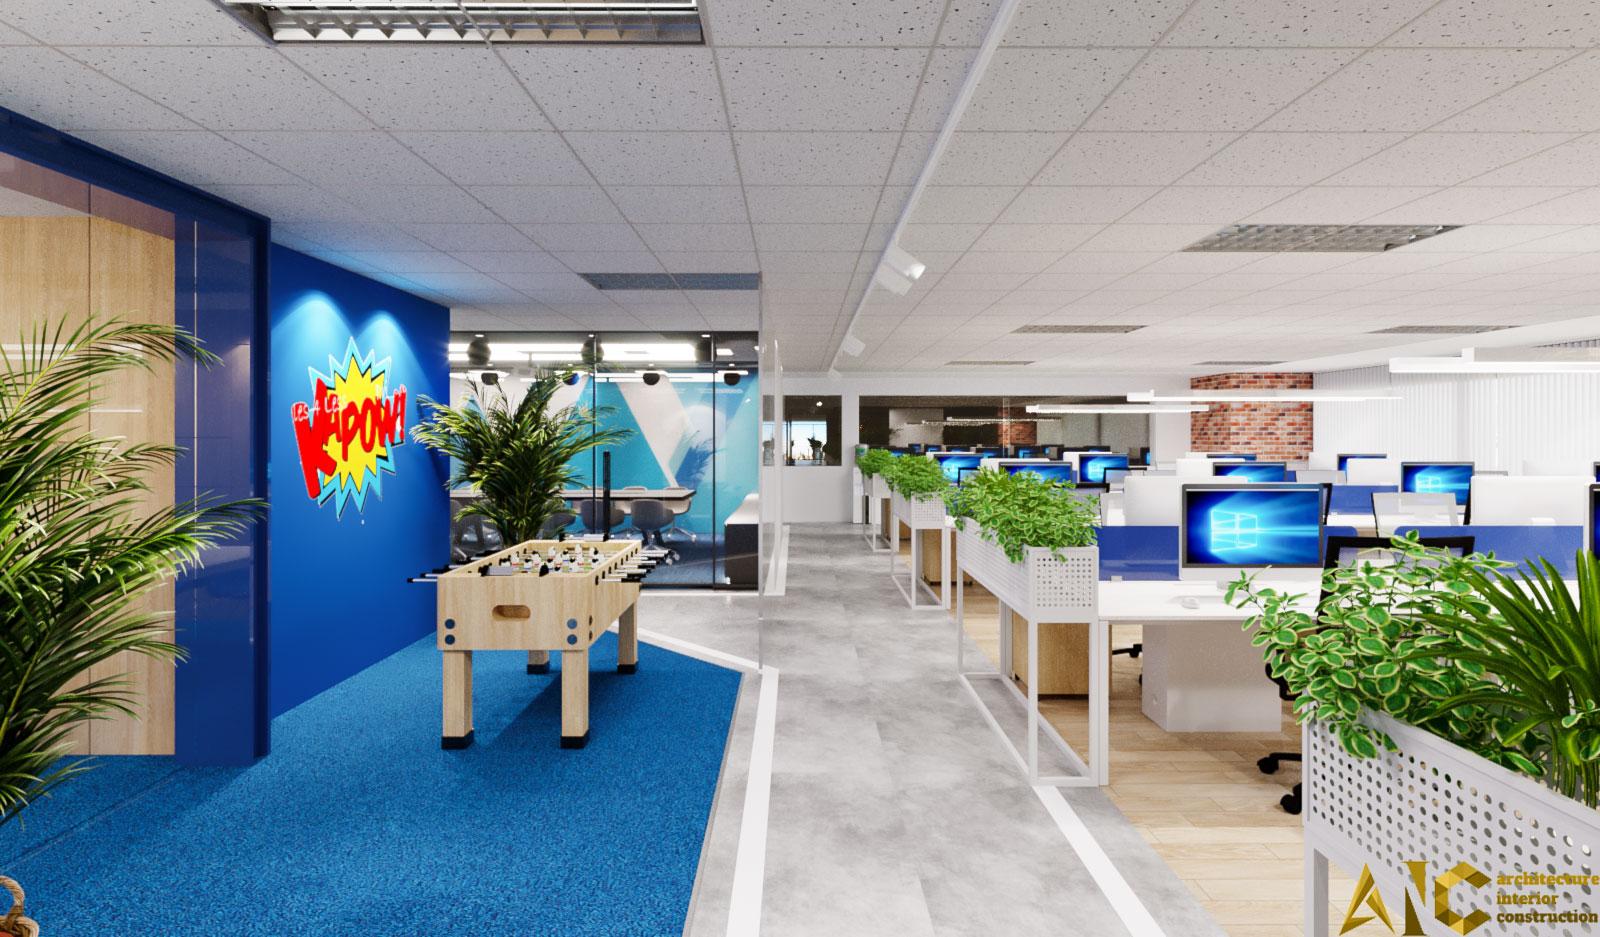 thiết kế nội thất văn phòng Realtek- phòng làm việc view 1.1